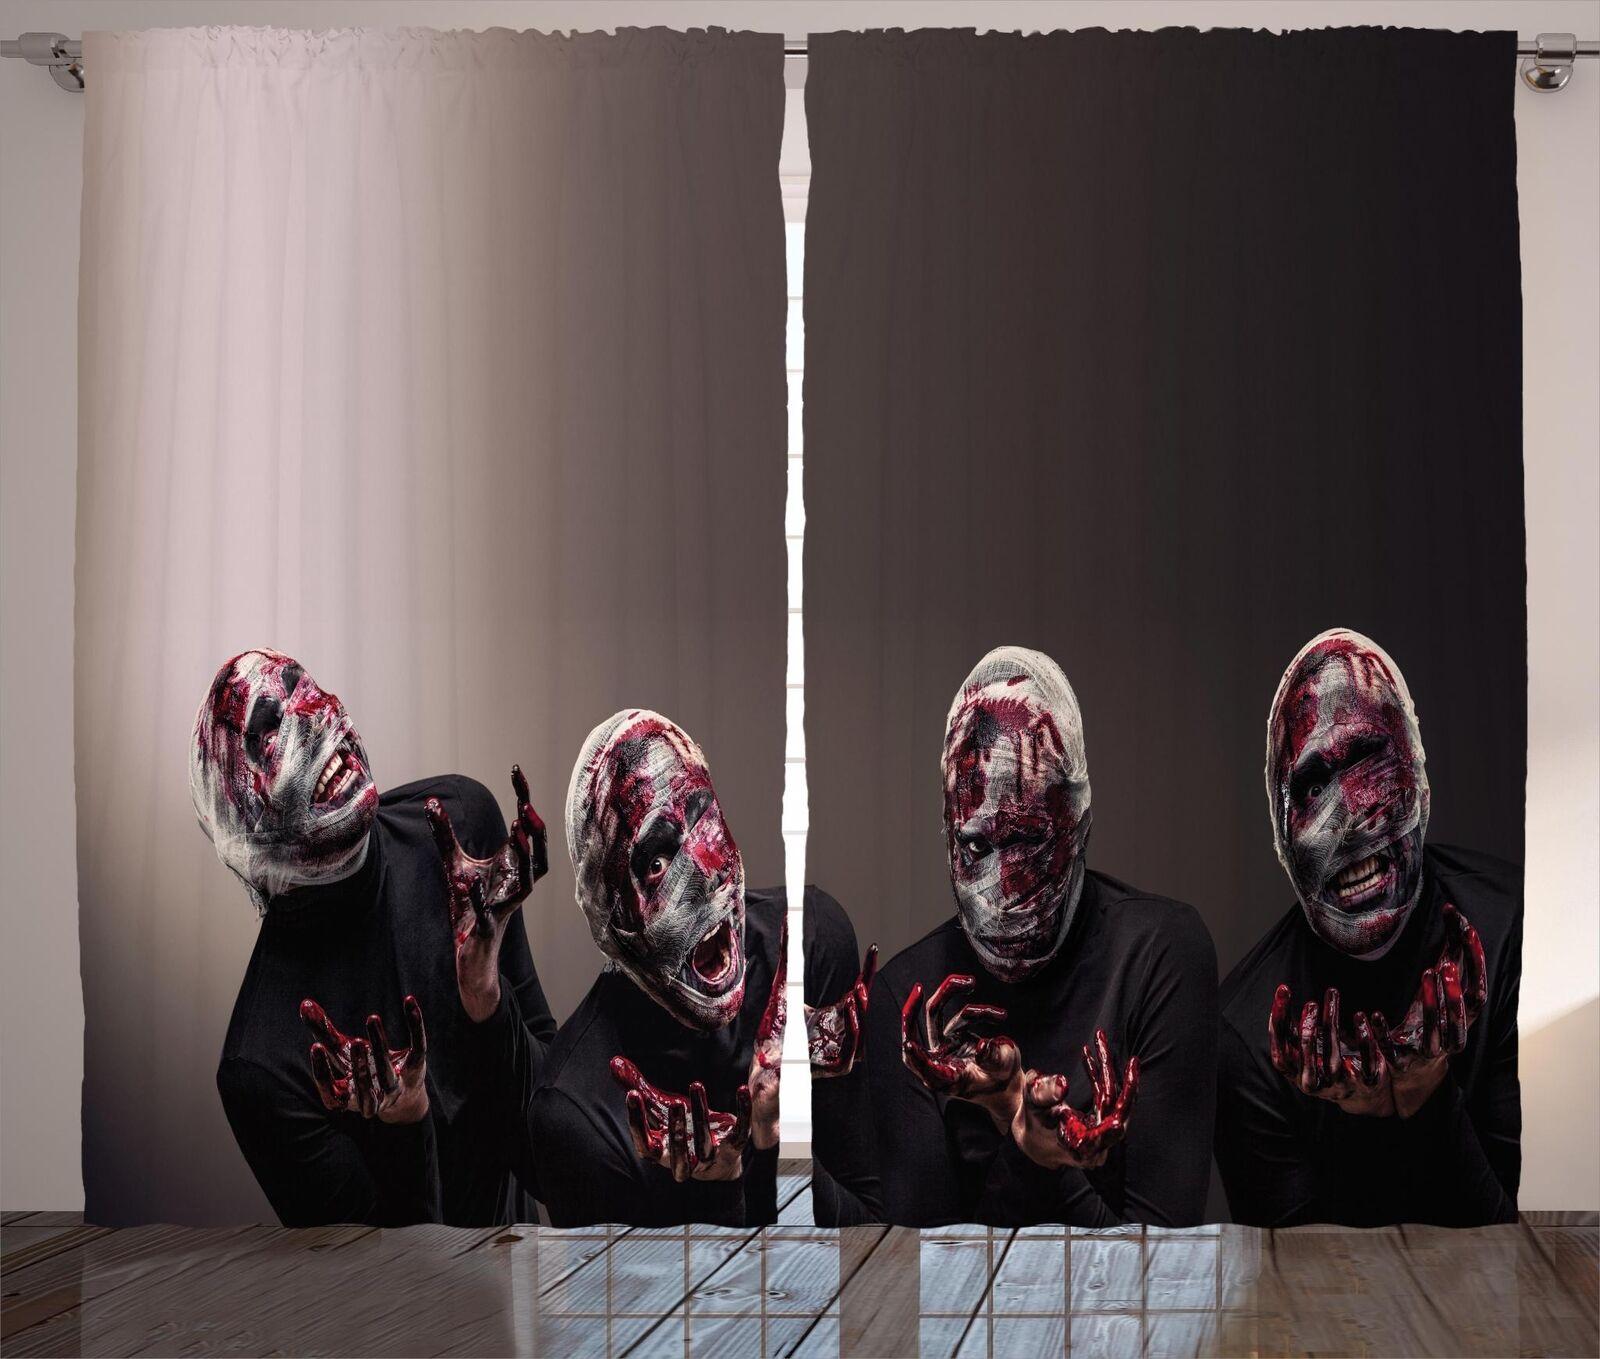 Fantastic Fiction Curtains 2 Panel Set Decor 5 Dimensiones Available Window Drapes